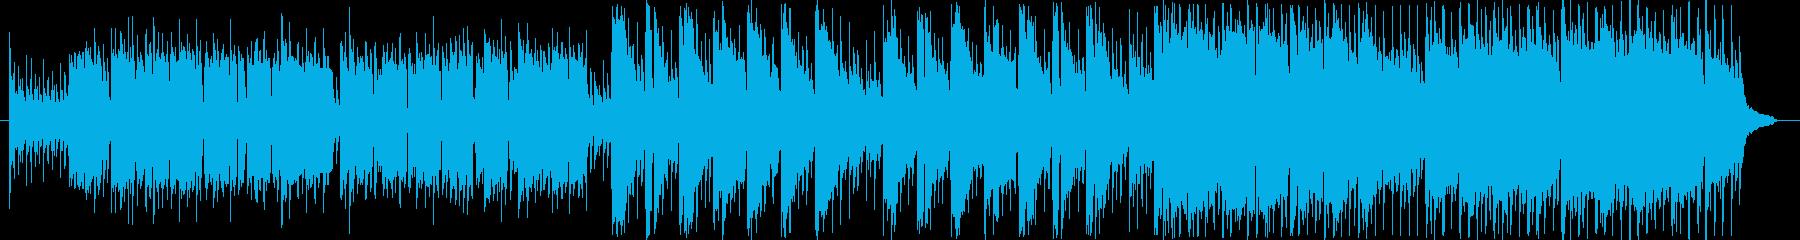 アメージンググレイス~陽気なカントリー風の再生済みの波形